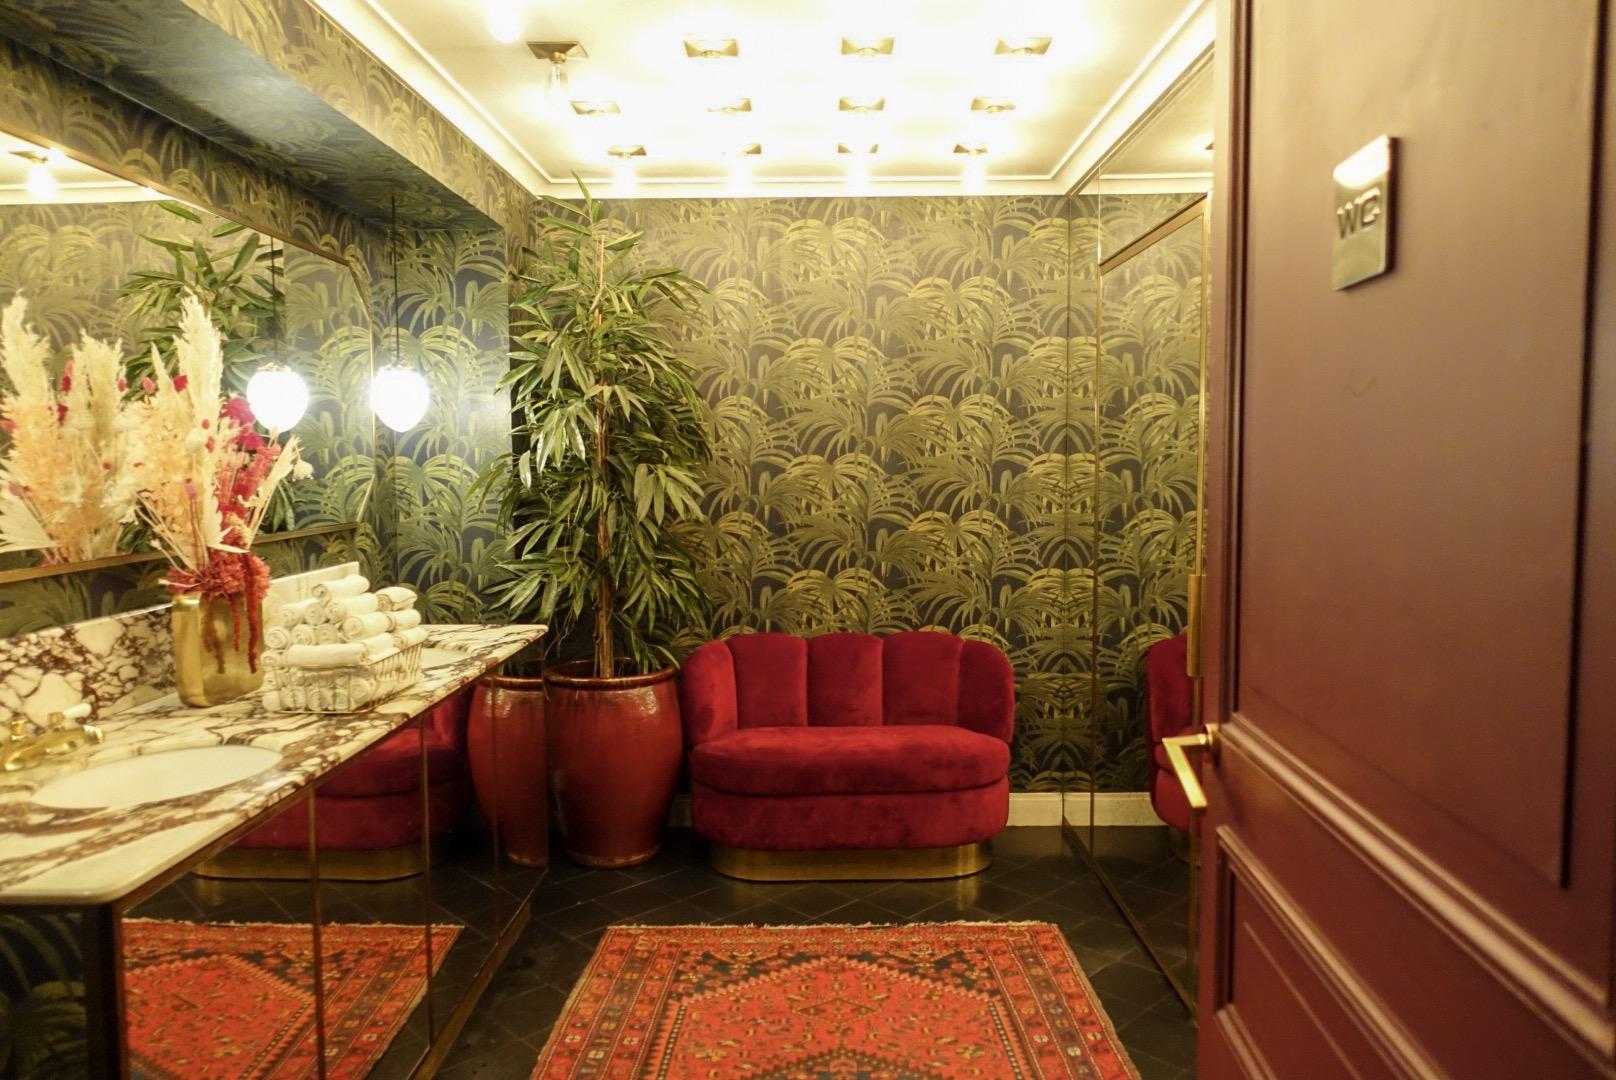 Parijs hotel particulier montmartre interieur toilet